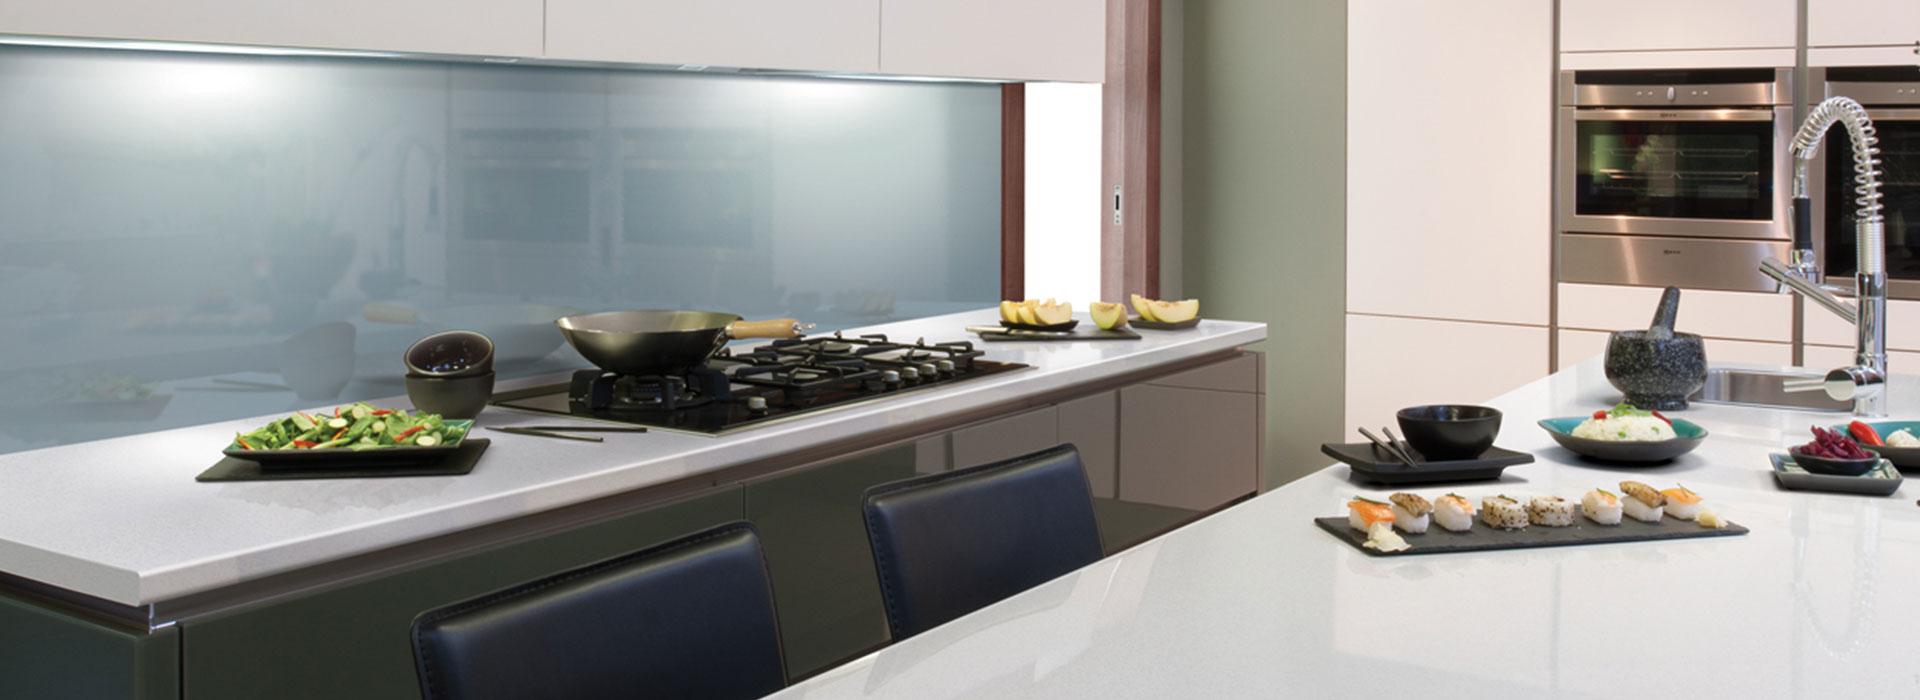 Callerton_axiom_kitchen_0031_FINN_1920x700